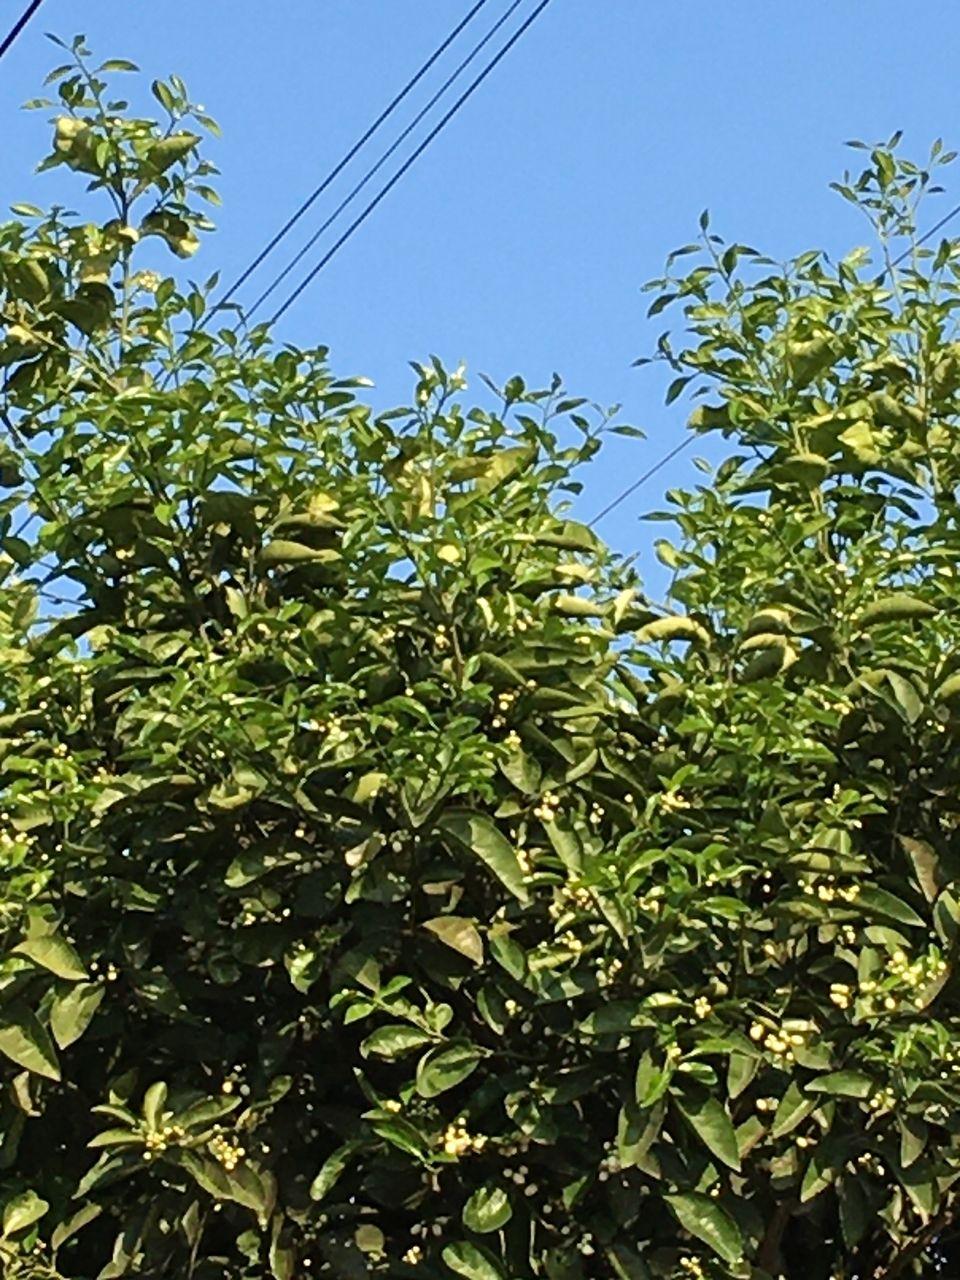 事務所の庭に咲く蜜柑の木のつぼみ